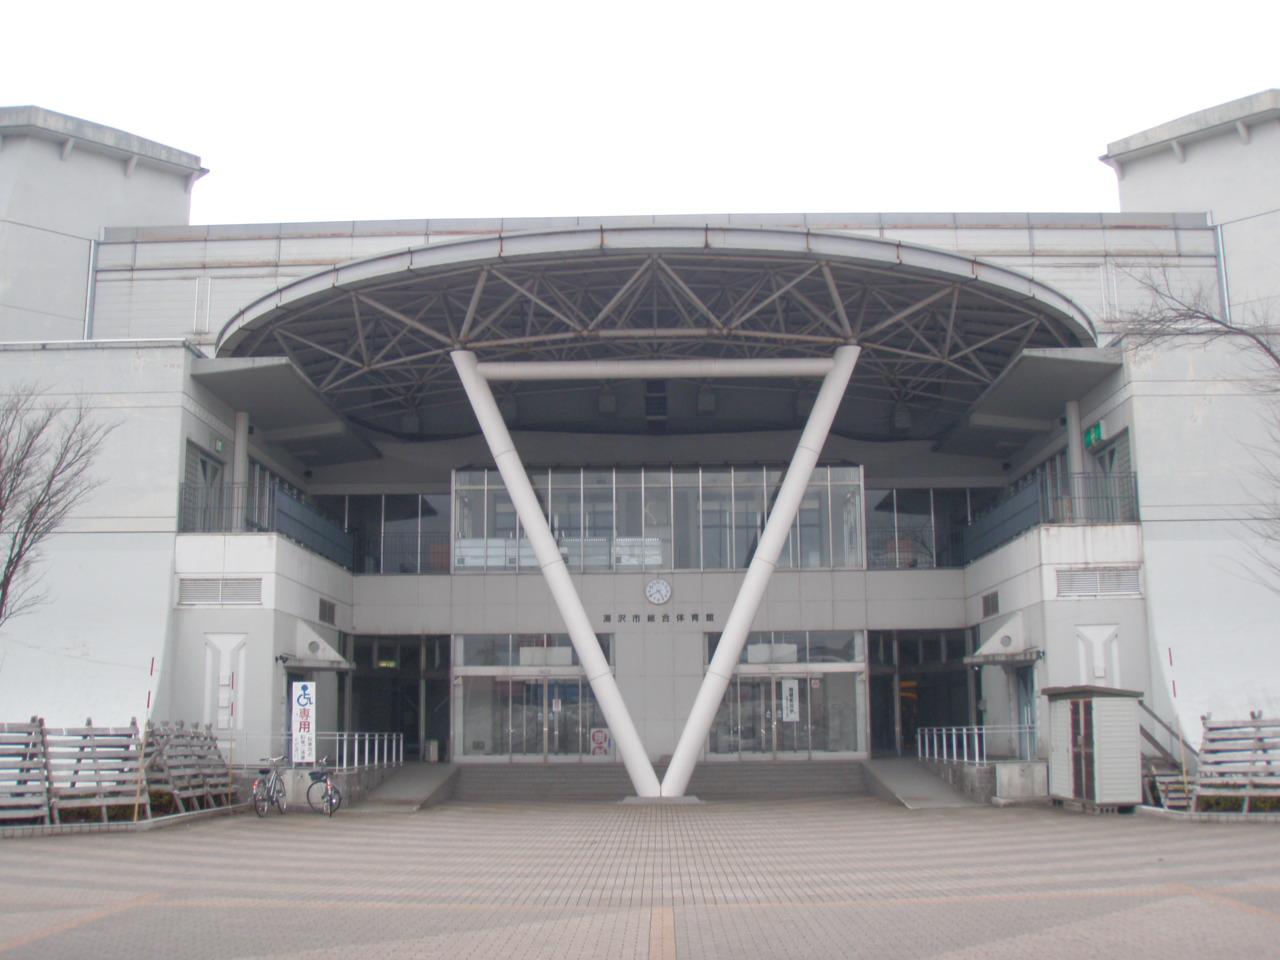 湯沢市総合体育館|秋田県スポーツ情報ステーション